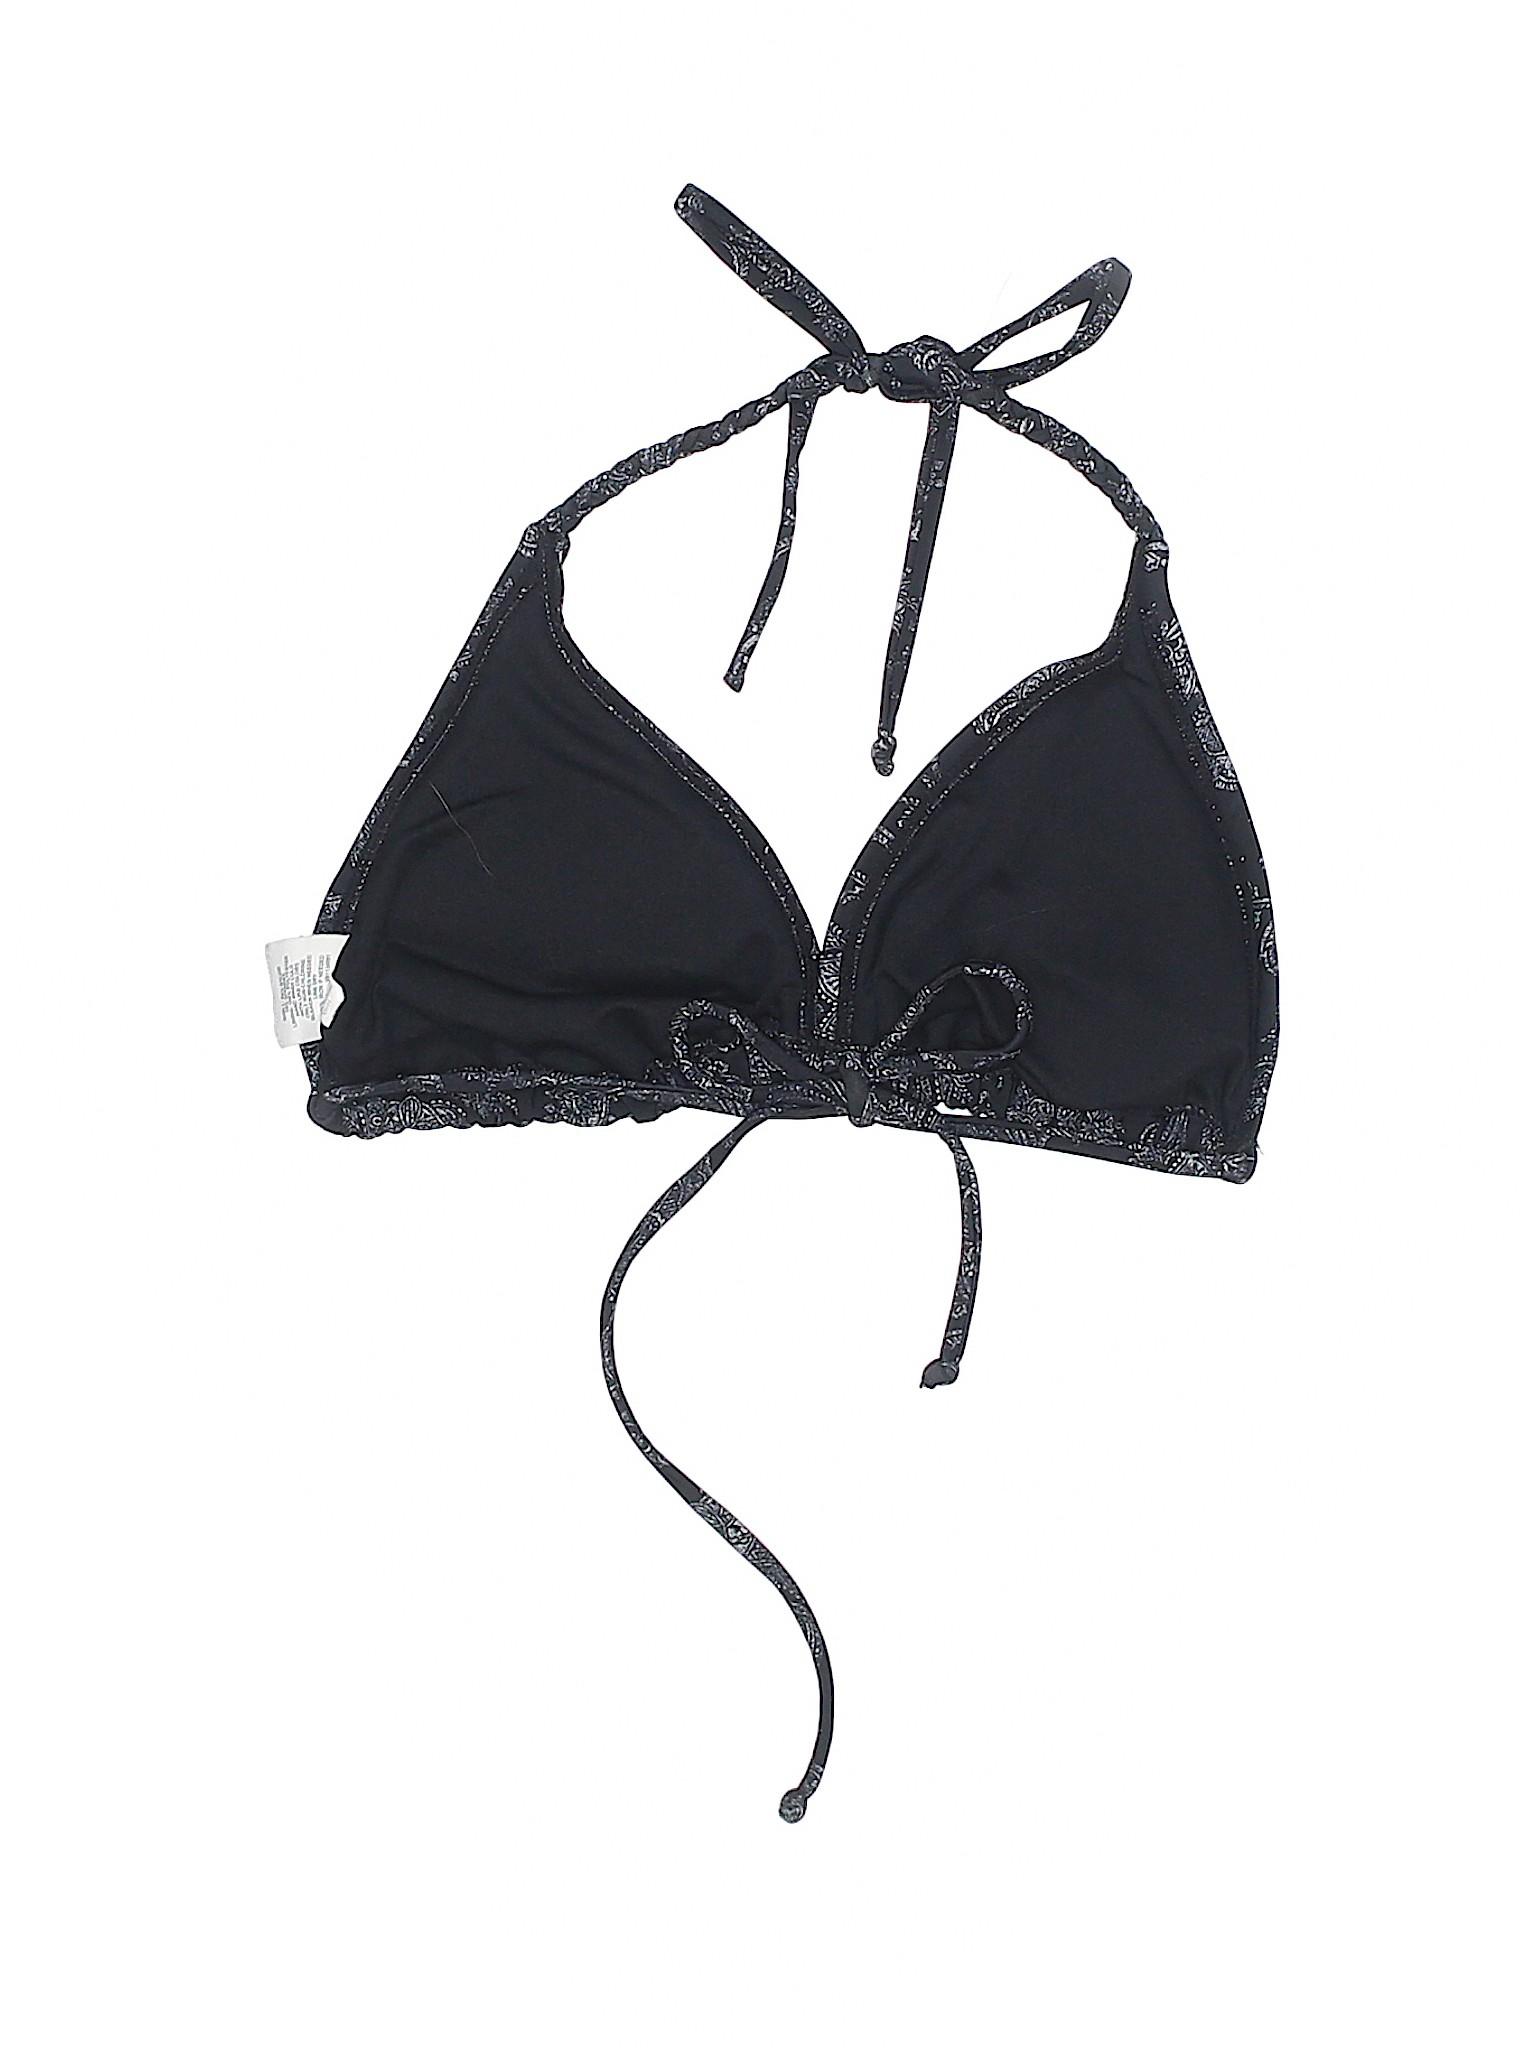 Swimsuit Top One Star Boutique Converse qRvAn6gt